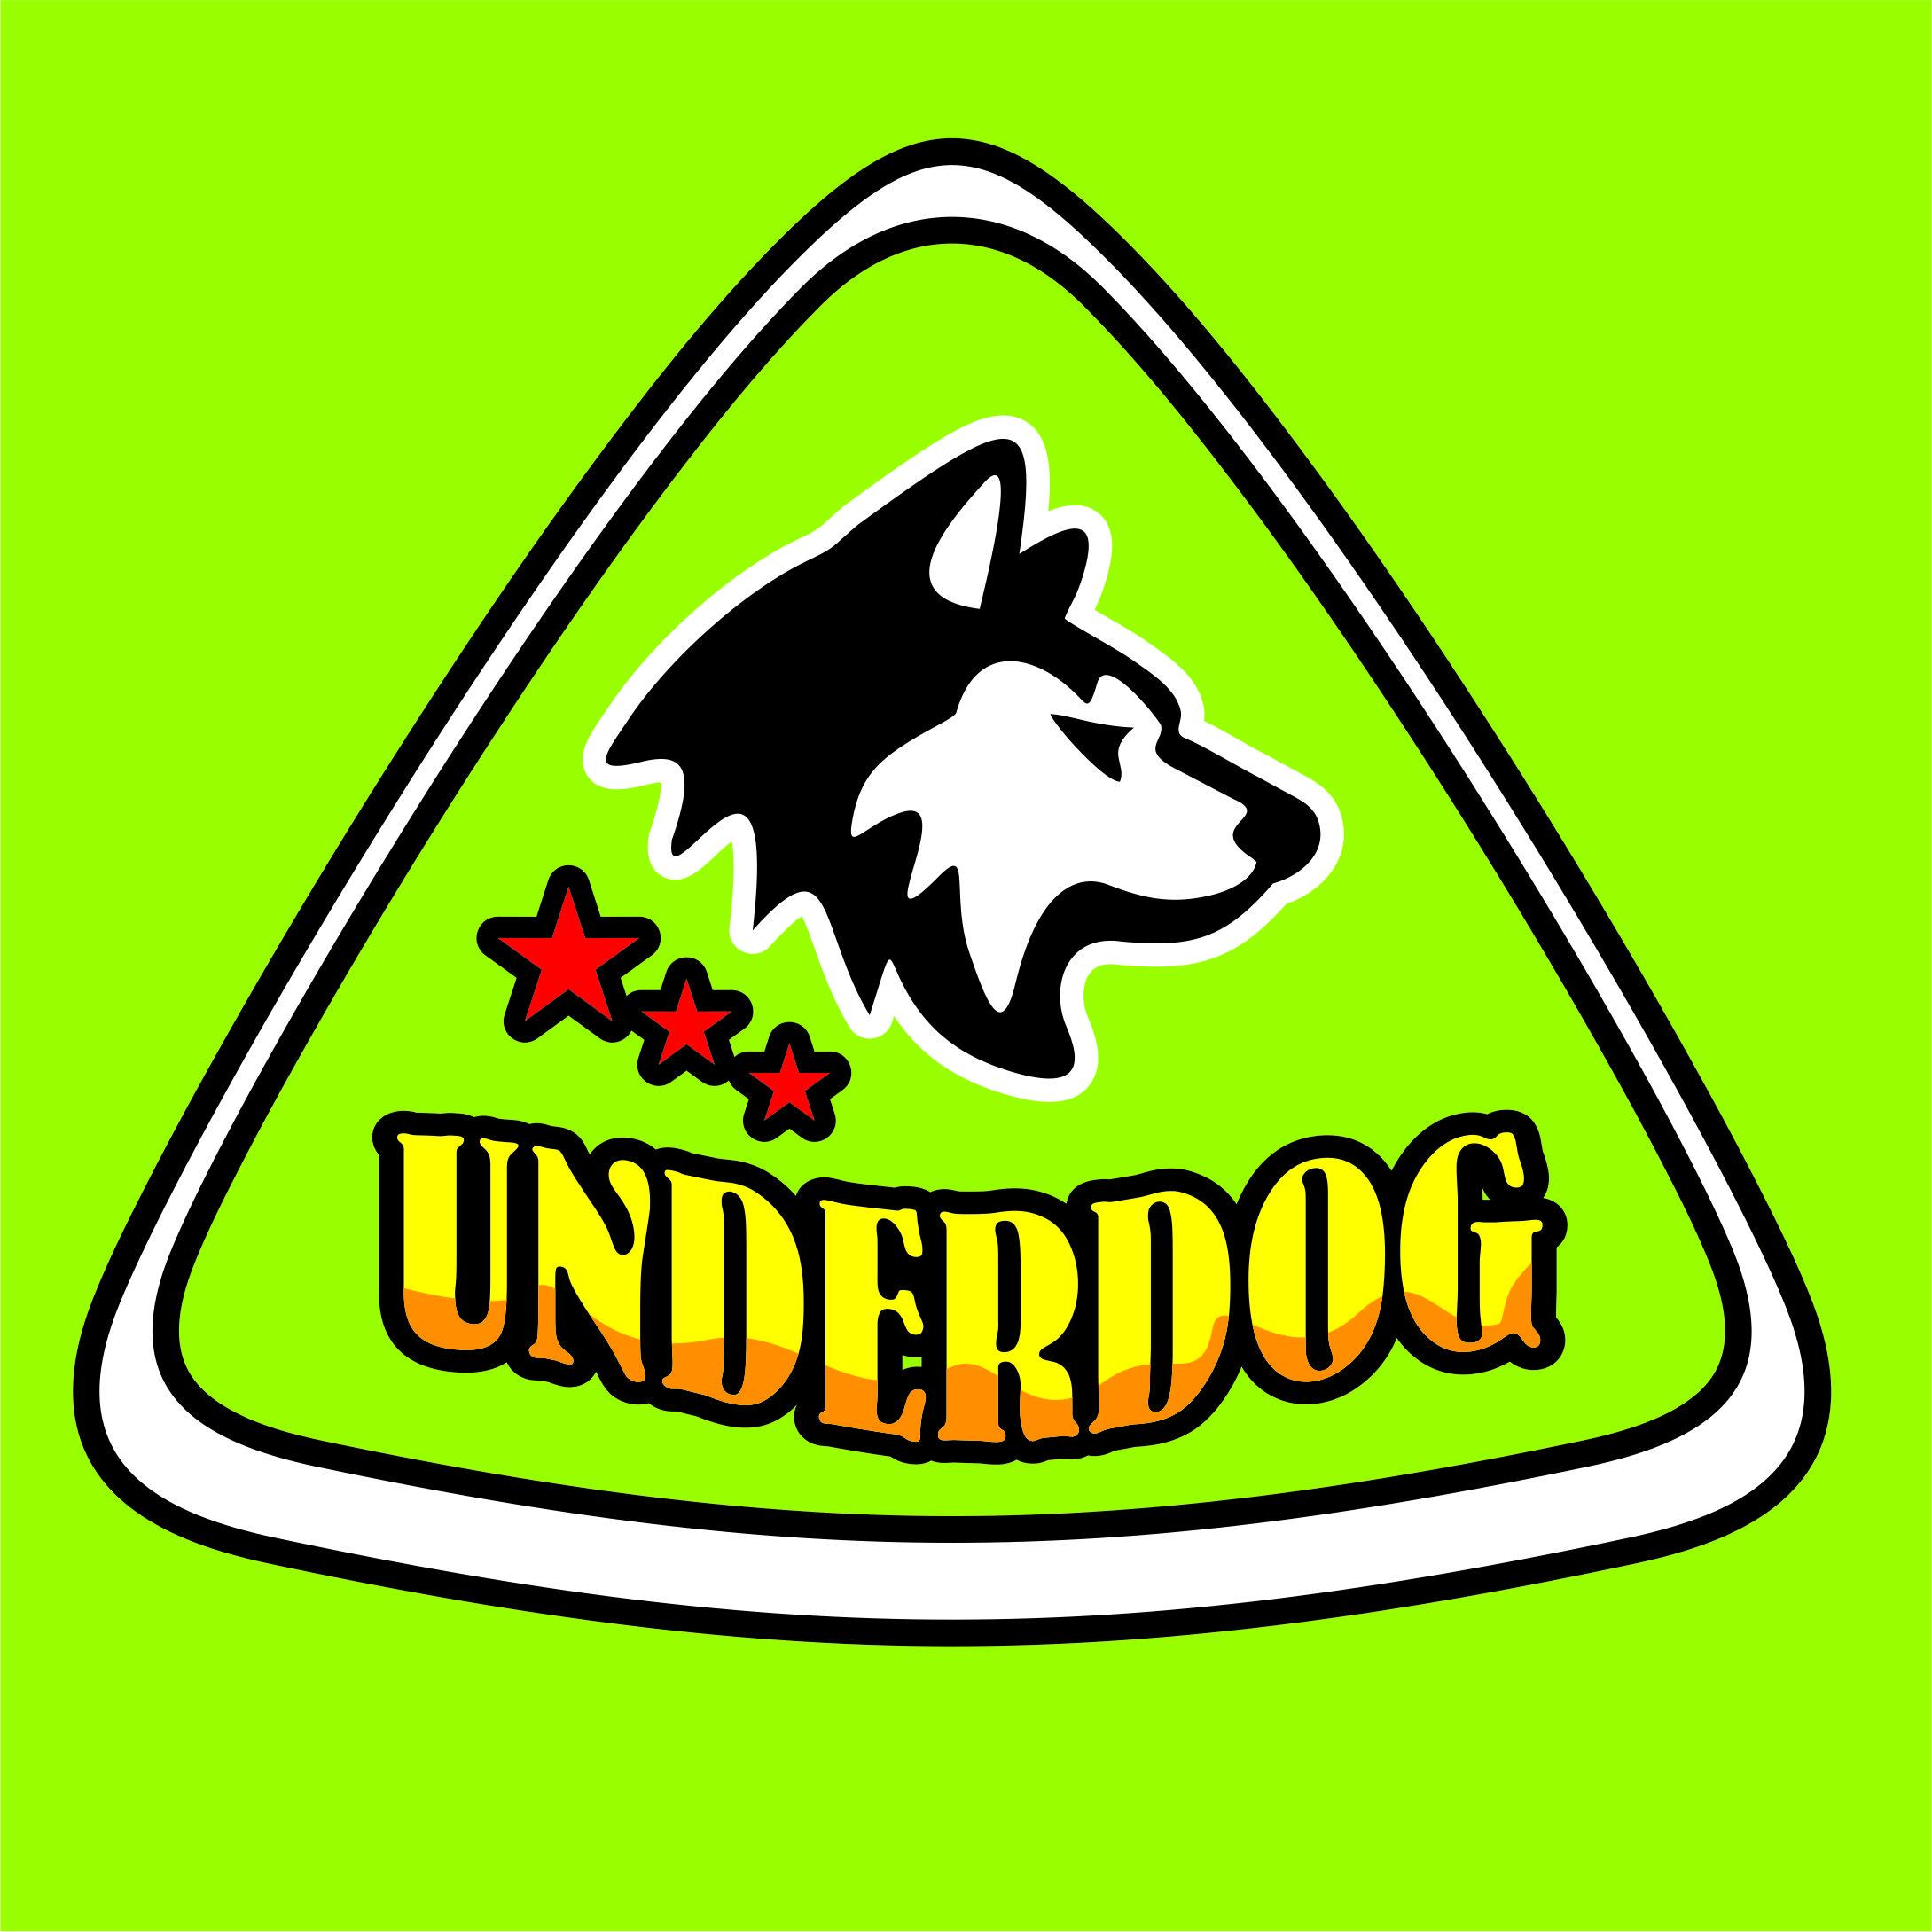 Футбольный клуб UNDERDOG - разработать фирстиль и бренд-бук фото f_4425caecf81b6bc9.jpg